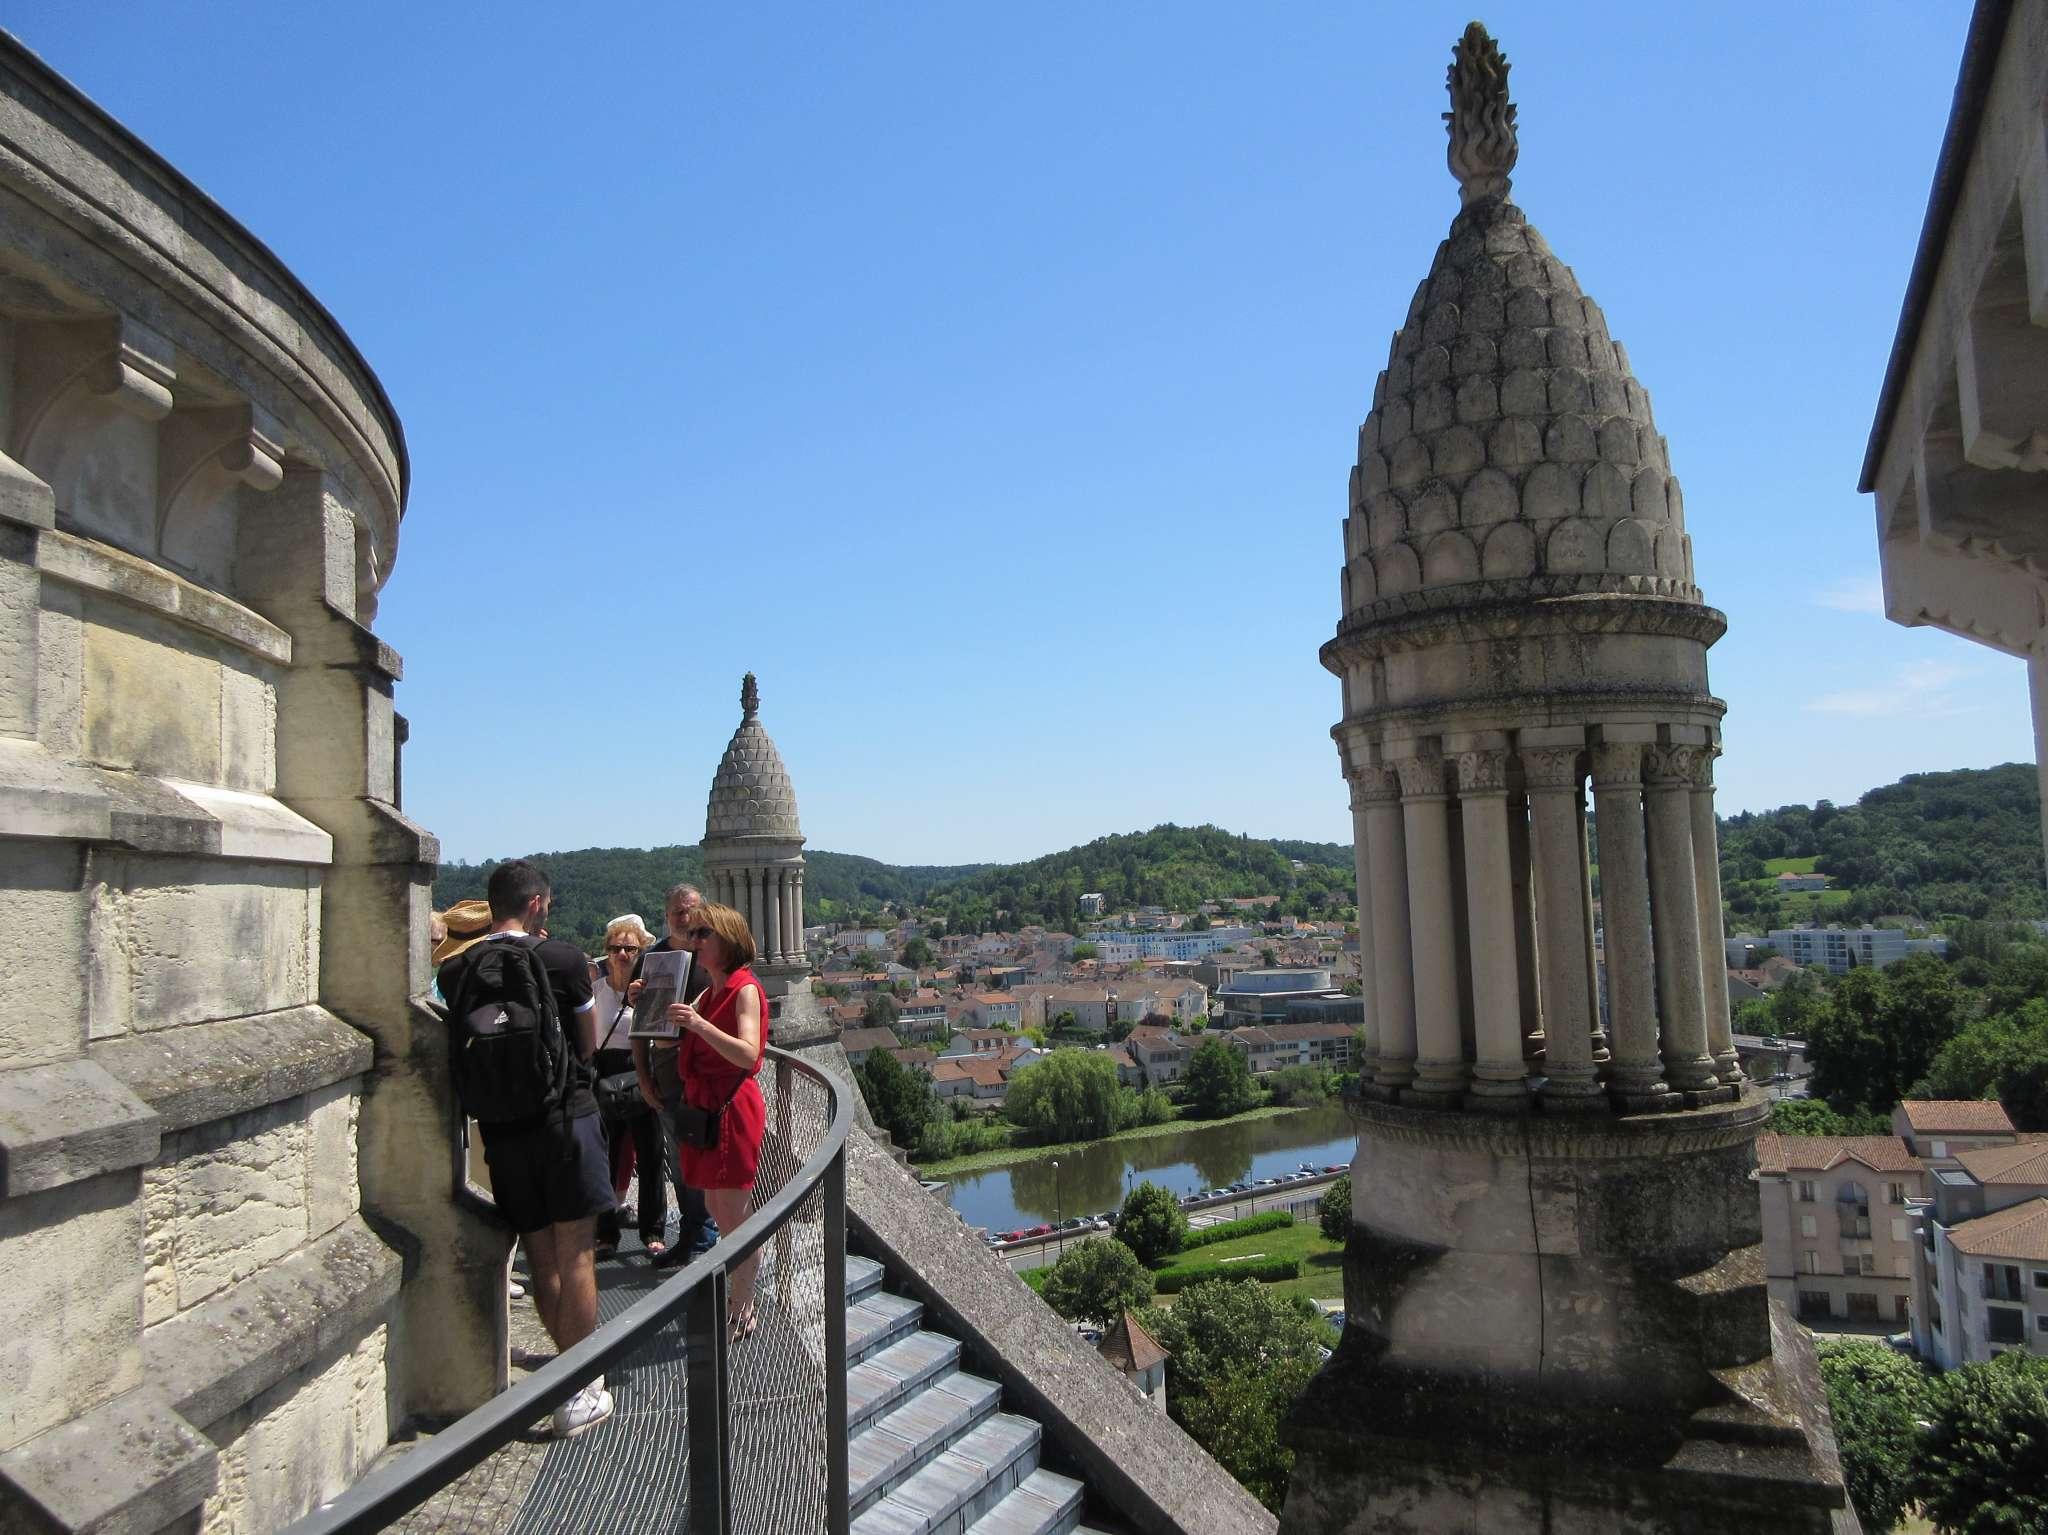 Visite des toits de la cathédrale Saint-Front